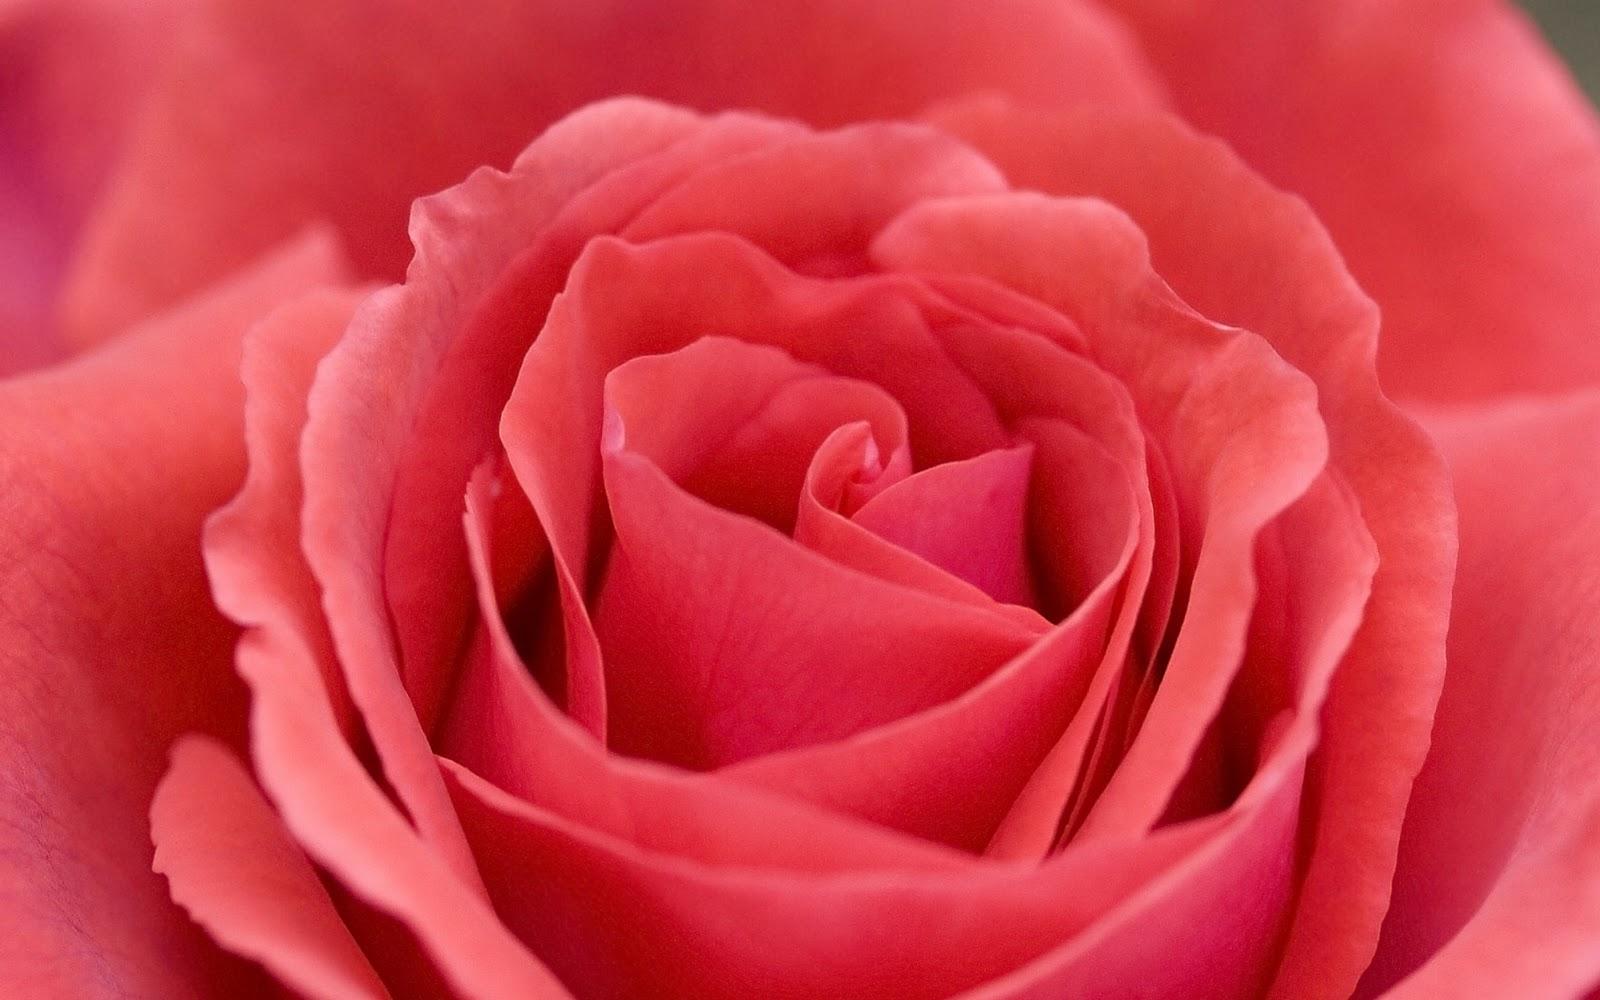 Yellow wallpaper red roses - Big rose flower wallpaper ...